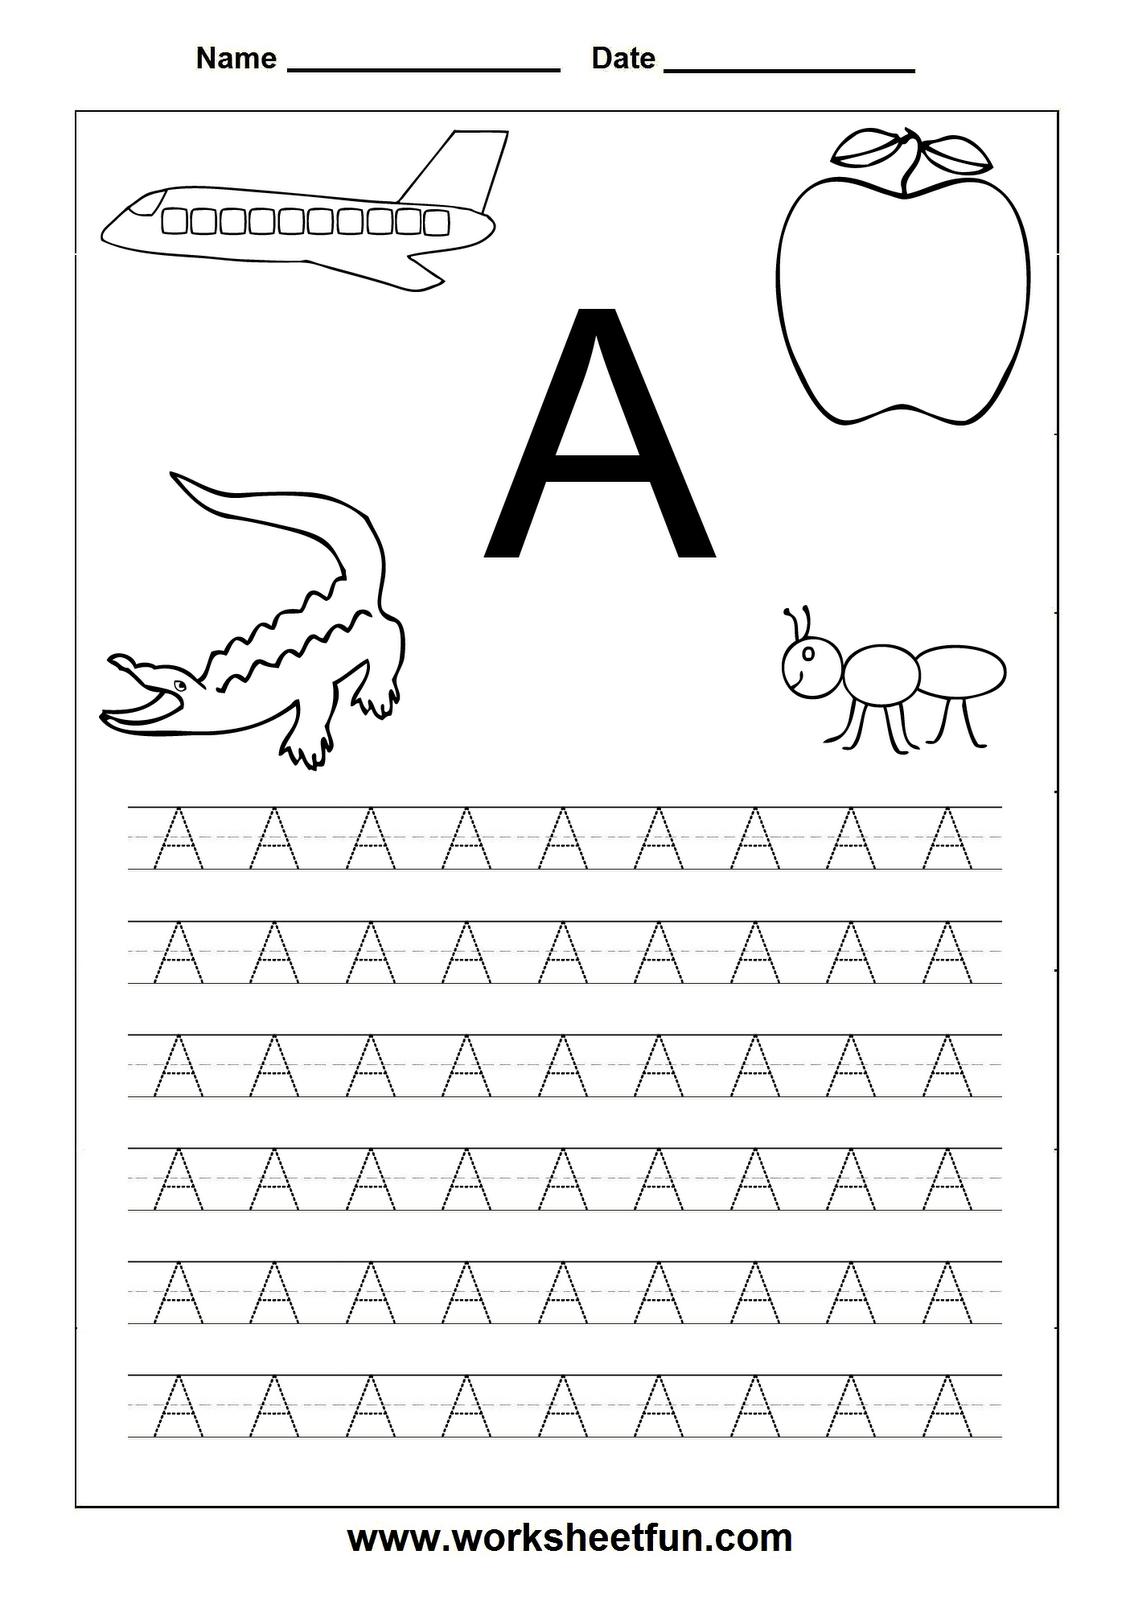 Alphabet Worksheets Free Printables   Letter Tracing with regard to Pre K Alphabet Worksheets Free